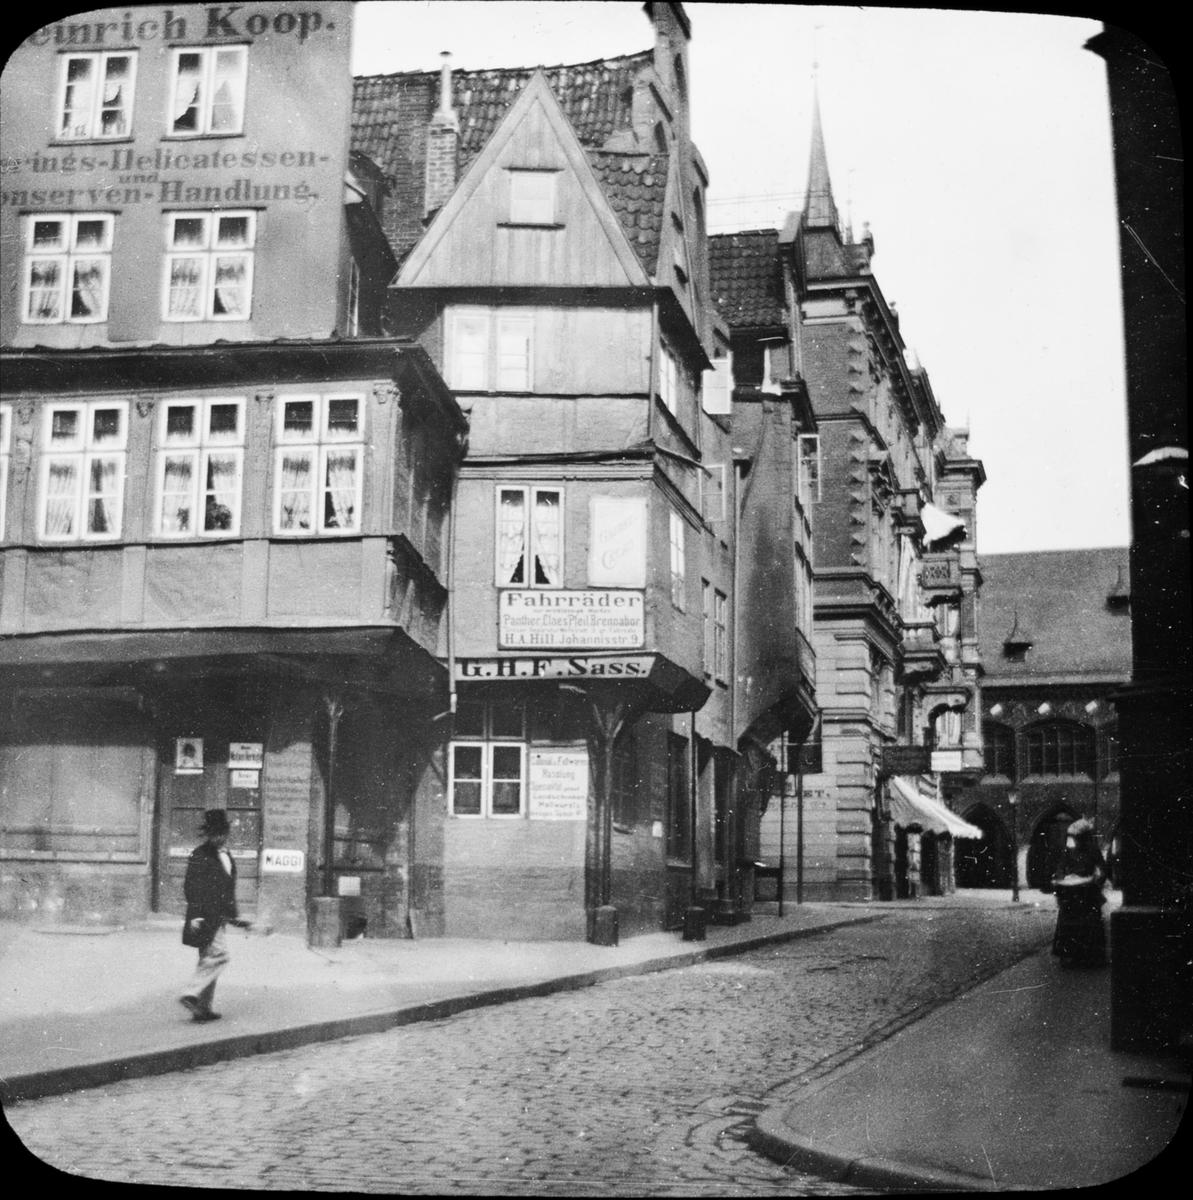 Skioptikonbild med motivfrån Lübeck. Bilden har förvarats i kartong märkt: Lybeck 1901. 8.